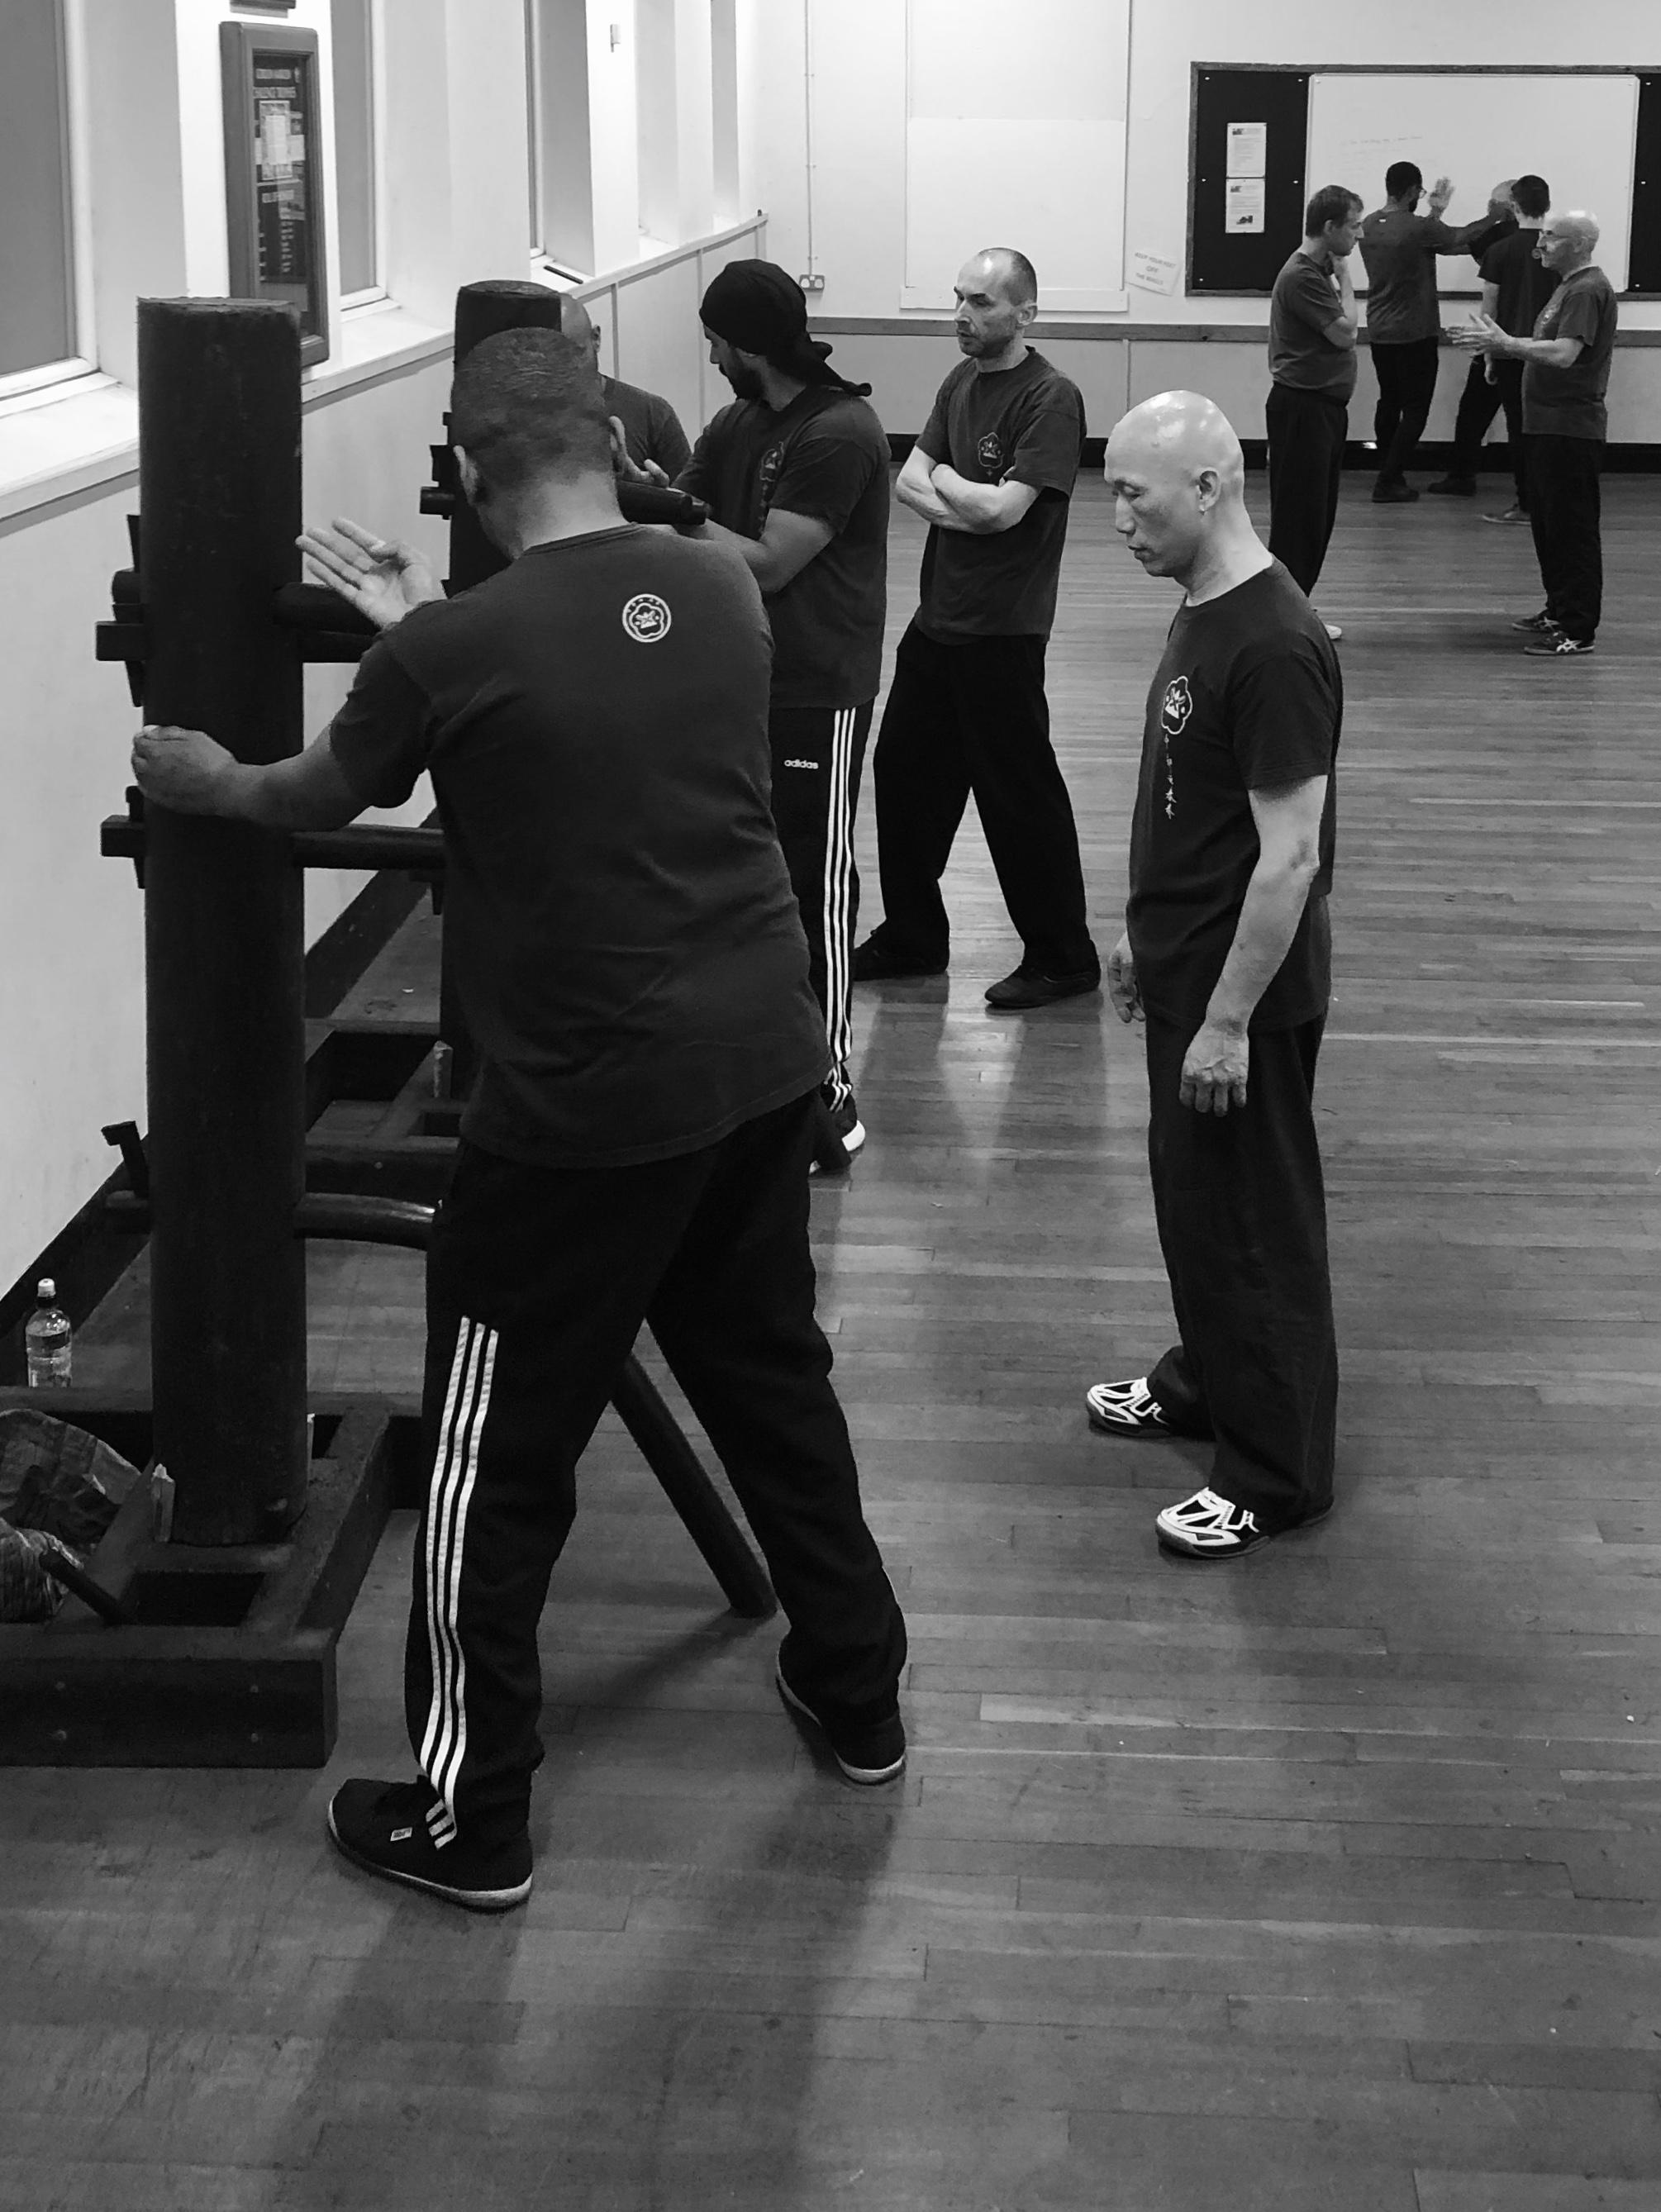 Midlands Wing Chun Kuen - Hong Kong Wing Chun in the UK